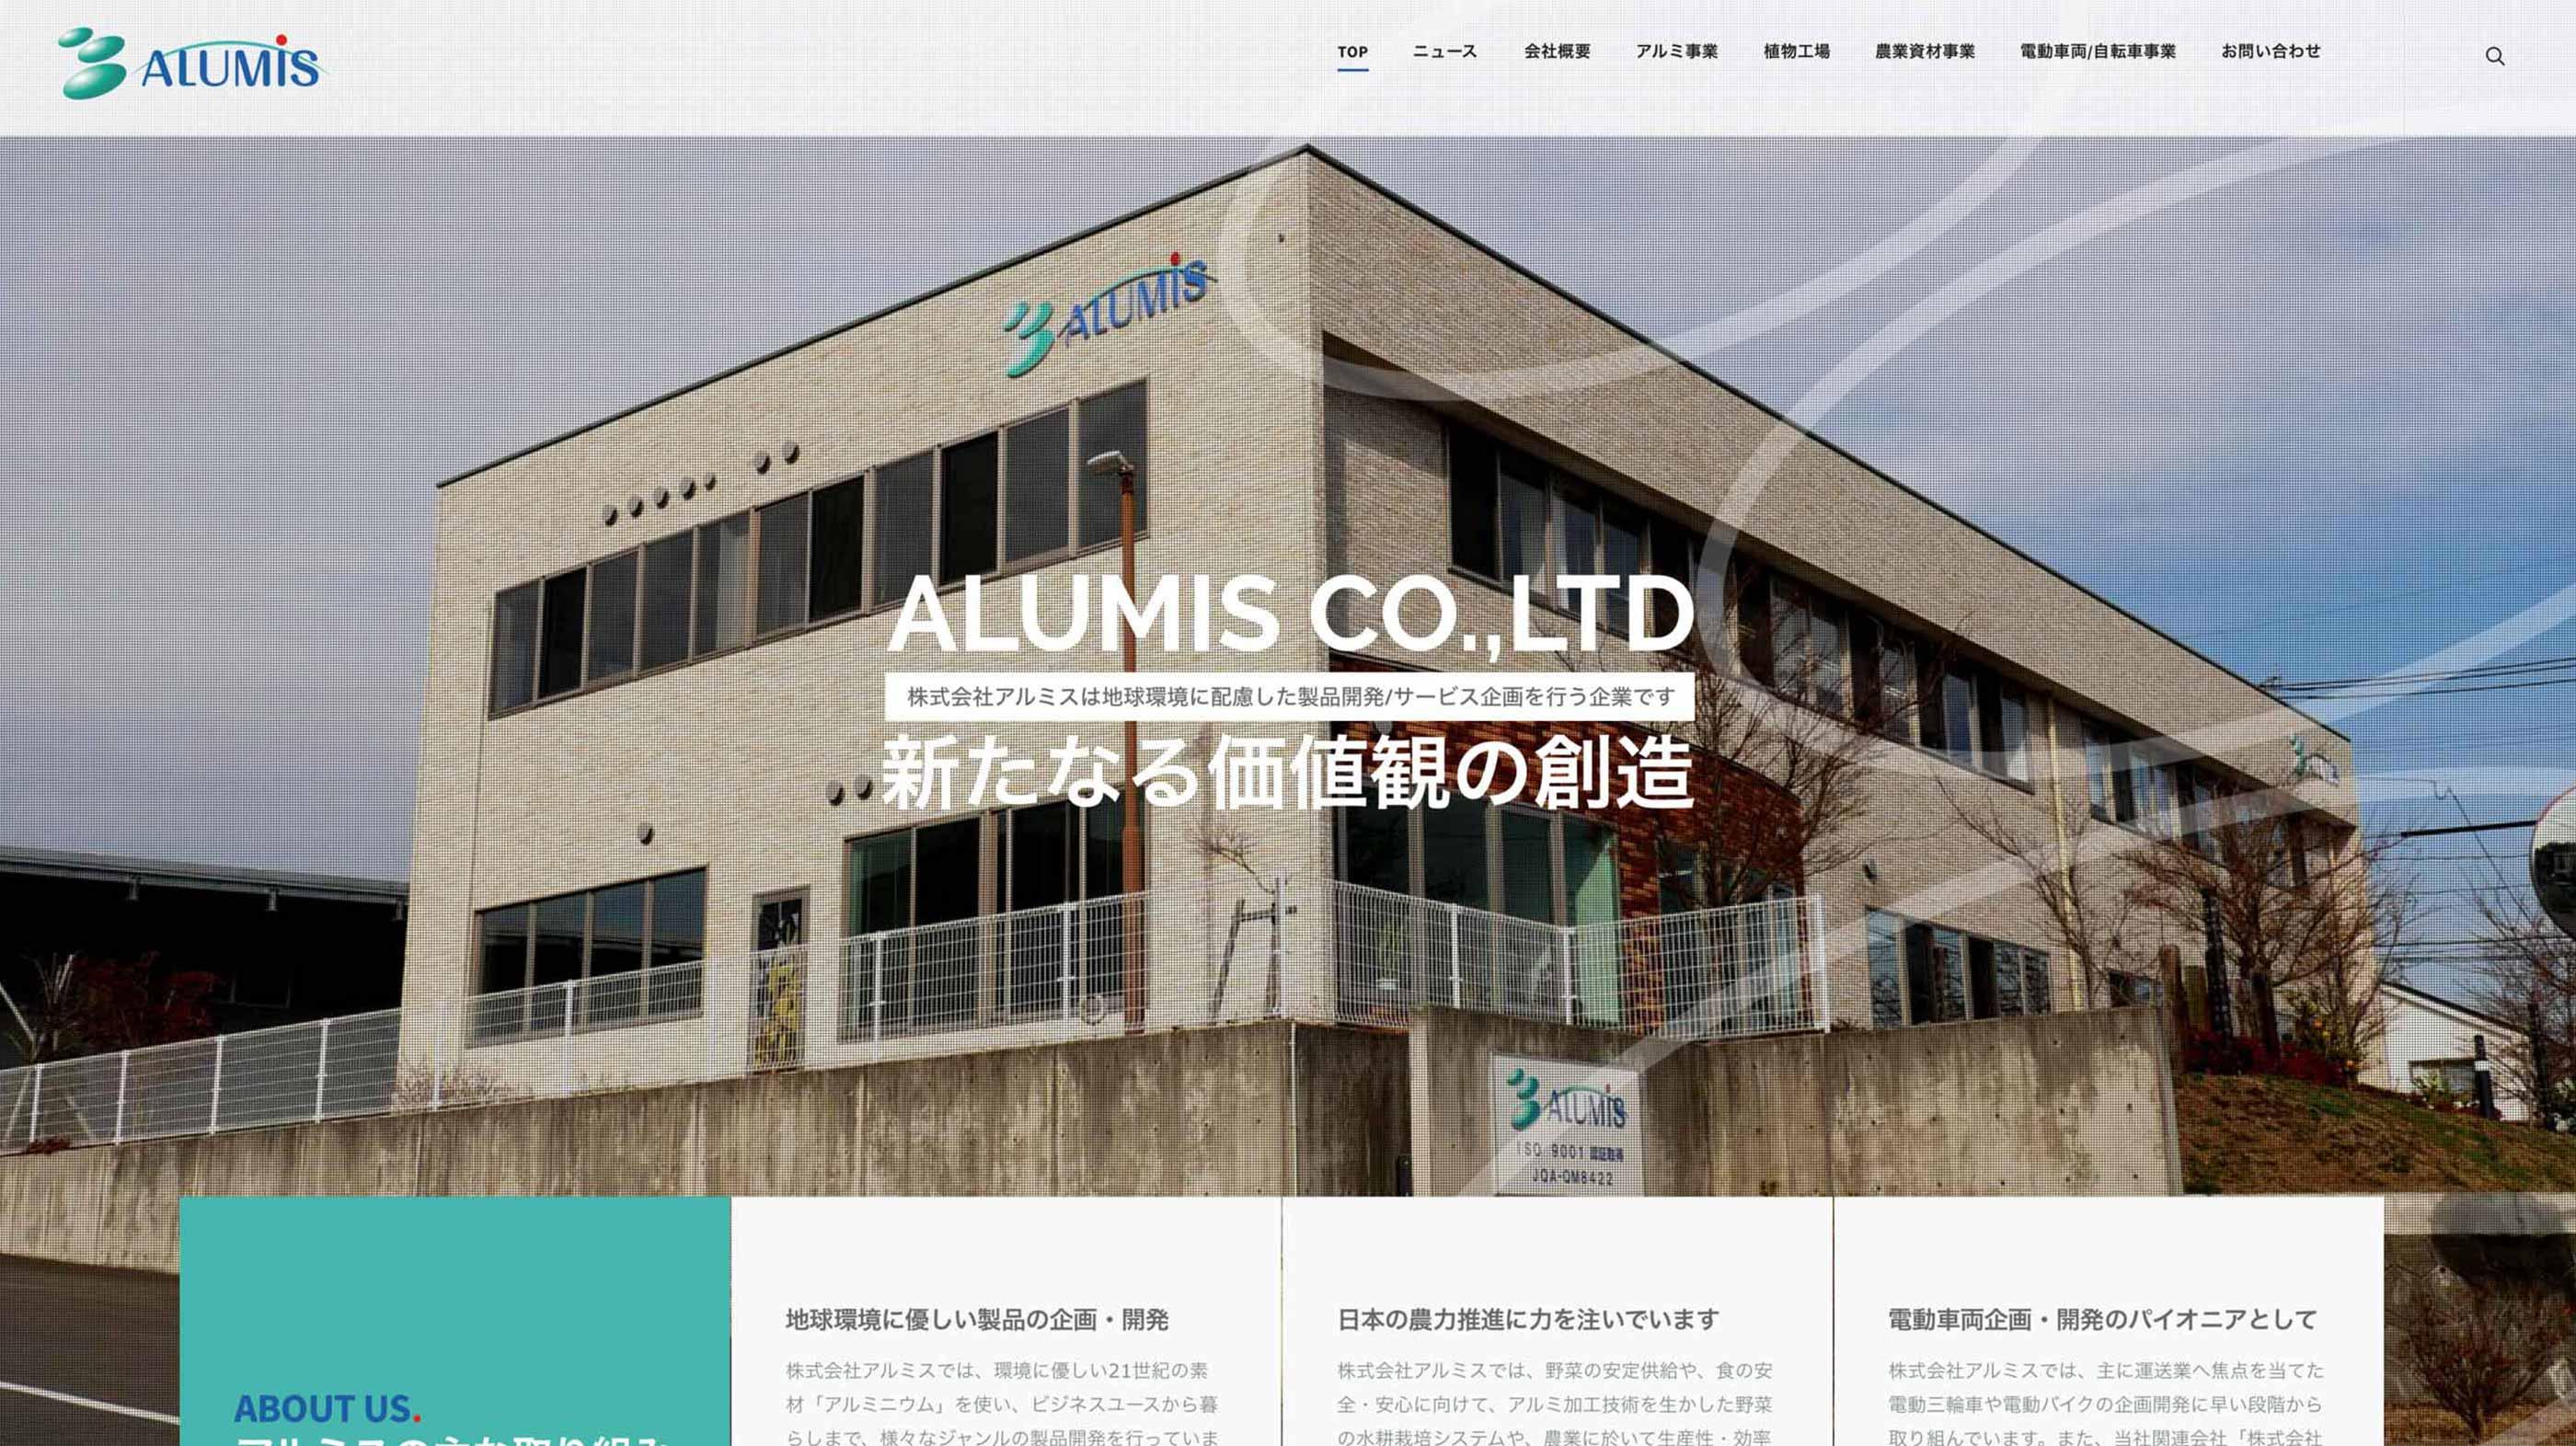 株式会社アルミス「コーポレートウェブサイト」の制作デザインイメージ